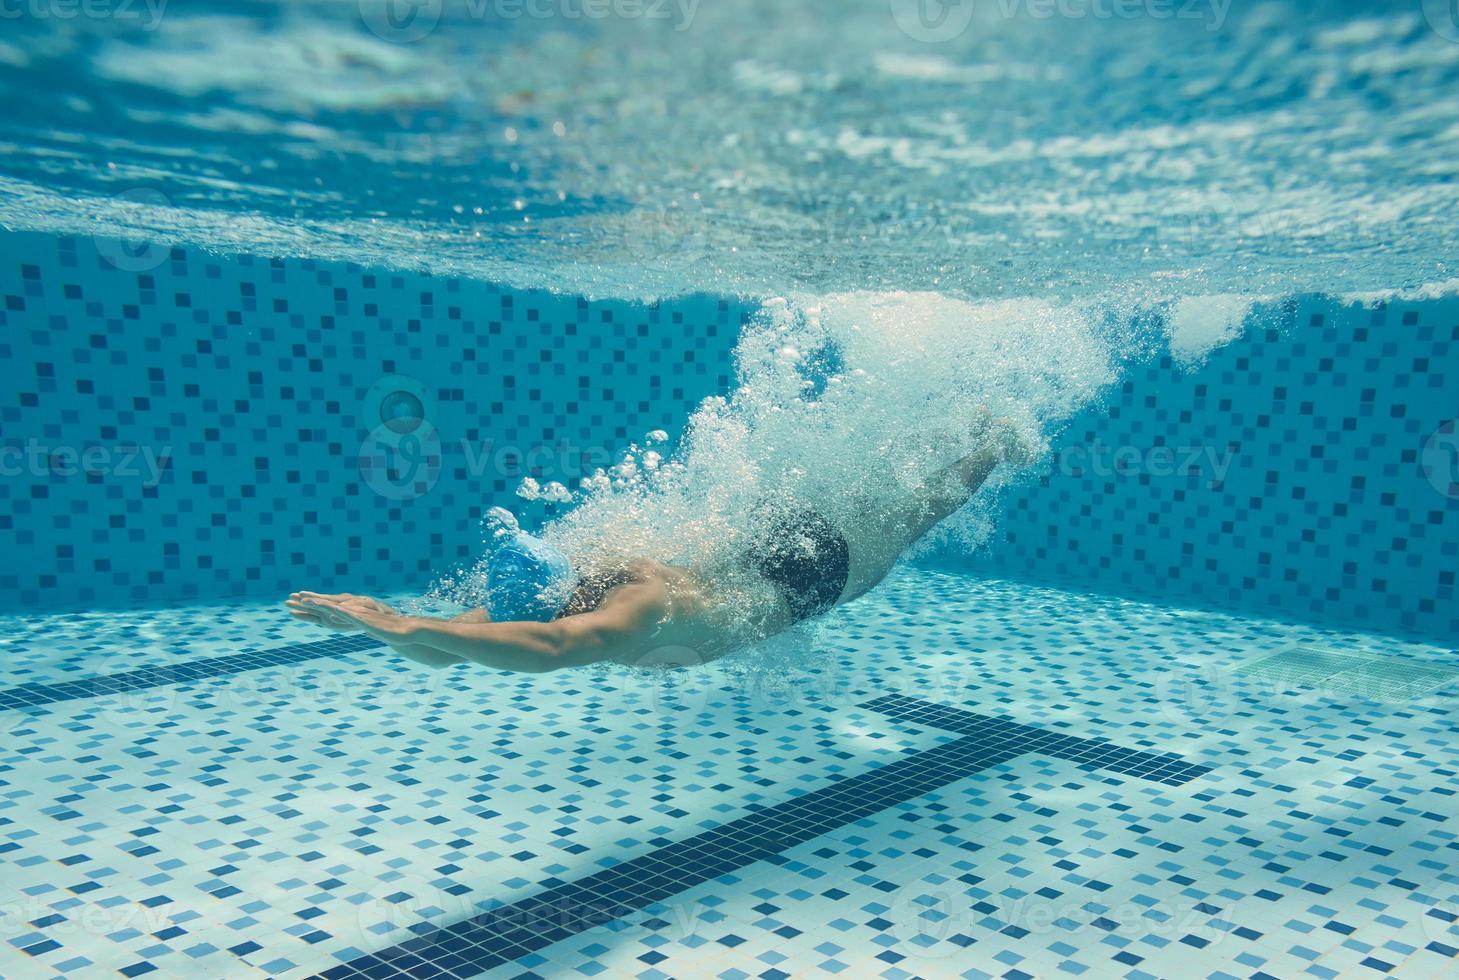 plongée dans la piscine photo